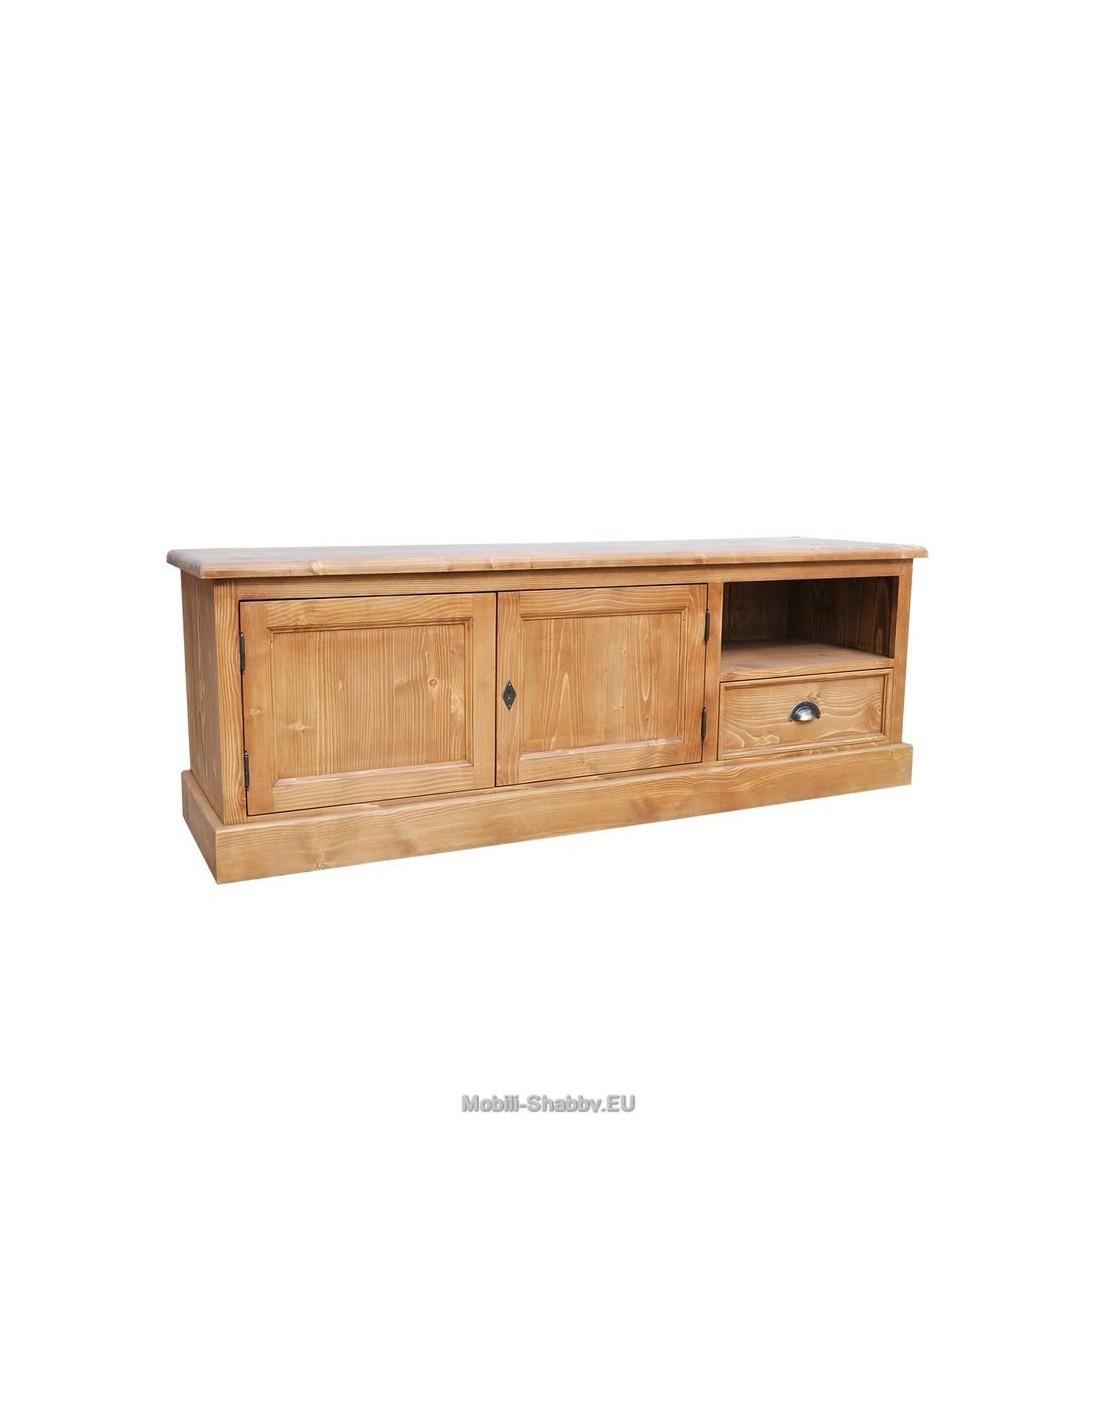 Credenza porta TV legno massello colorata MS101 - Mobili-Shabby.EU ...